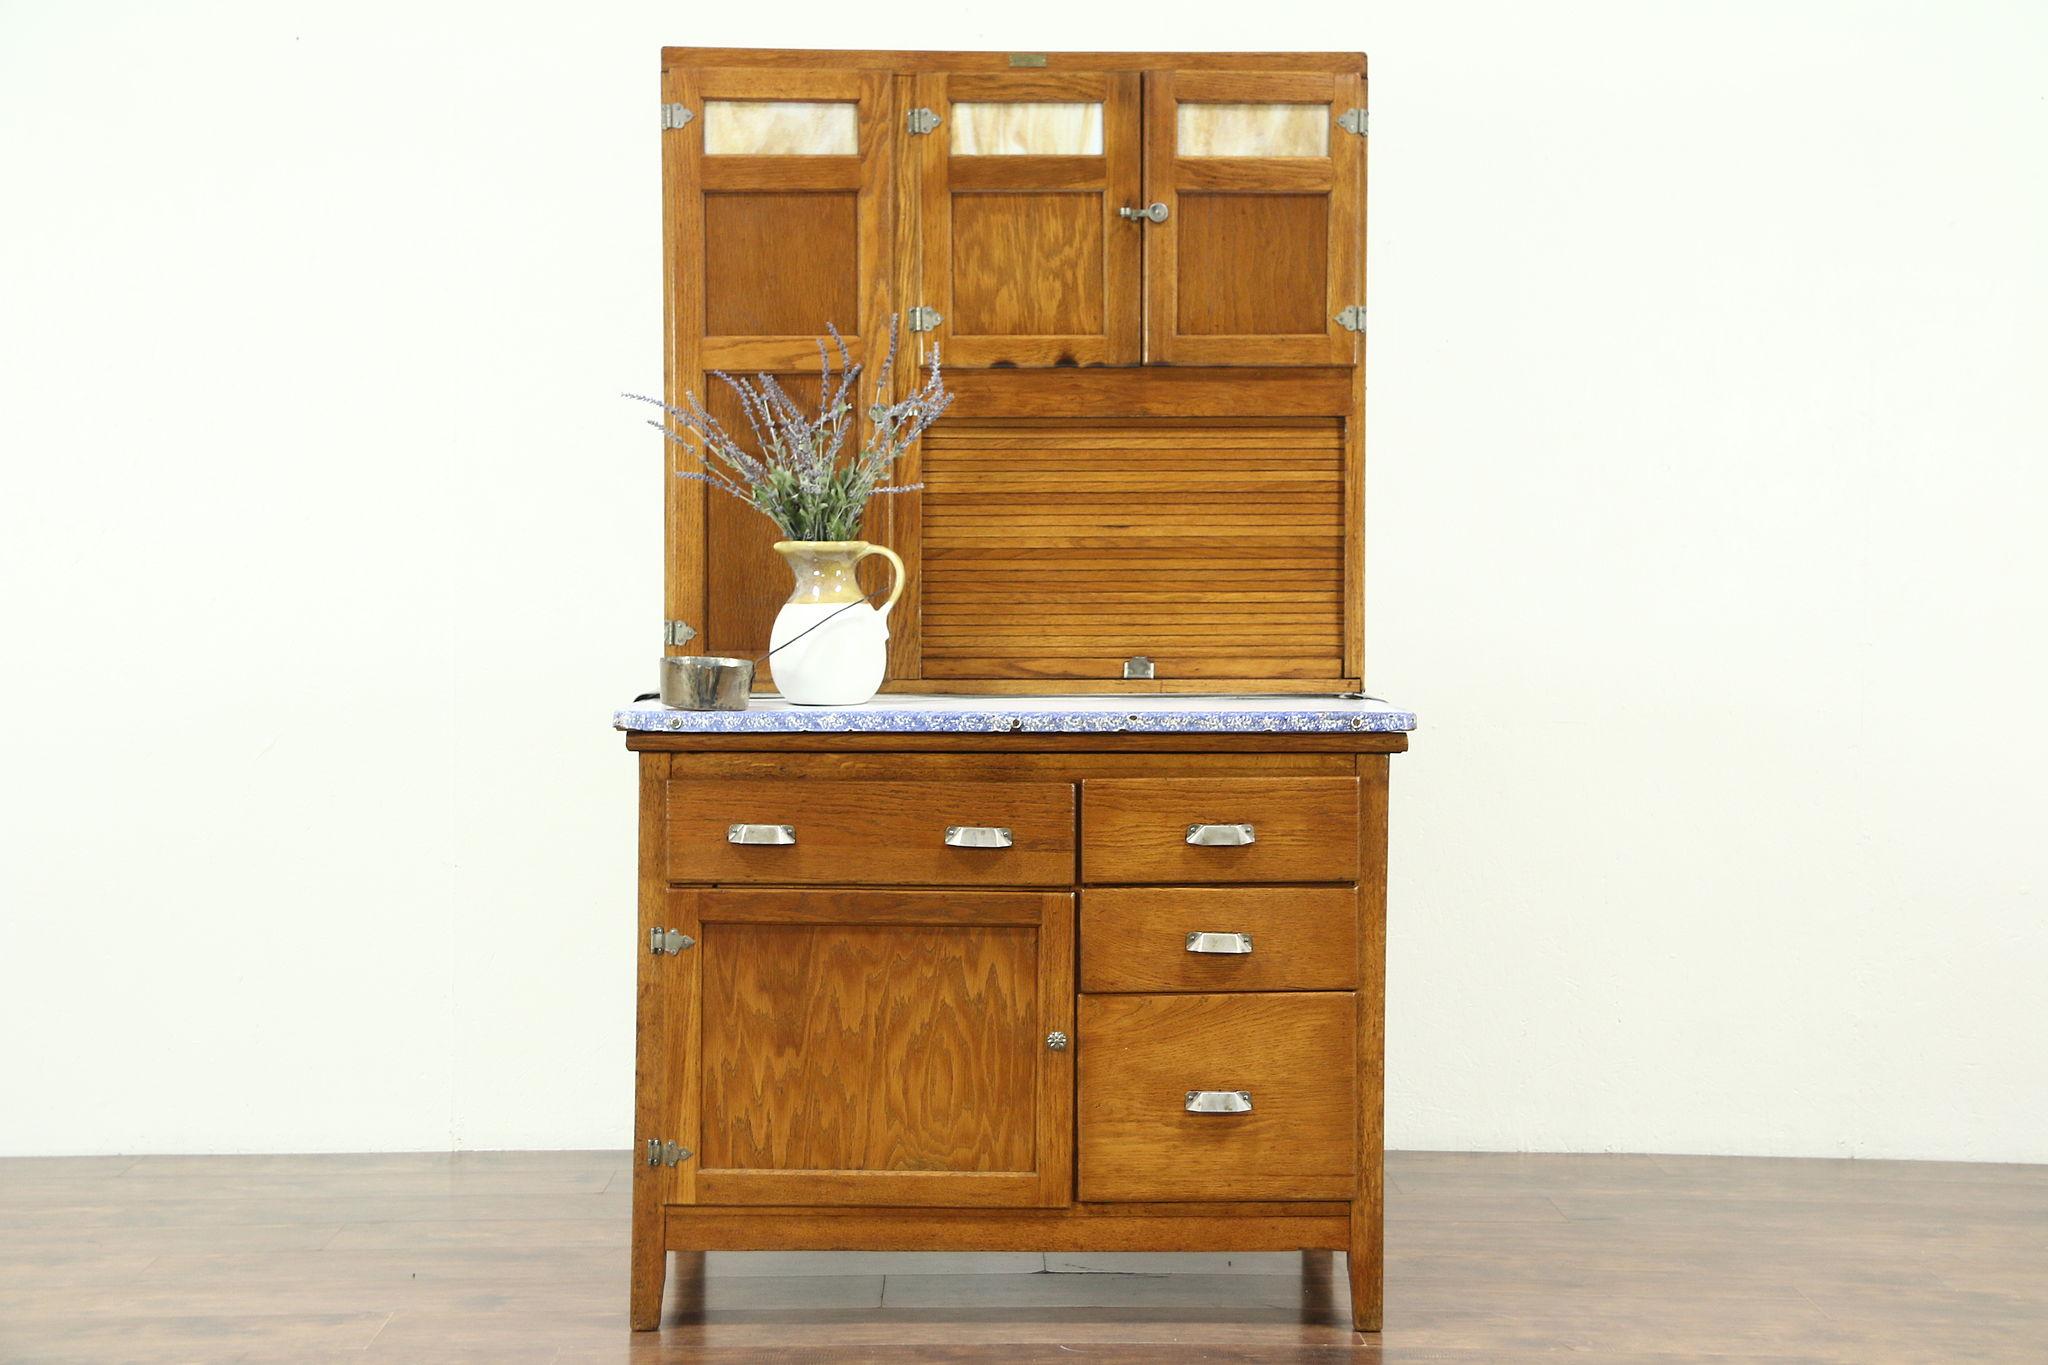 Oak Hoosier Antique Kitchen Pantry Cupboard Stained Gl Sifter Roll Wilson Photo